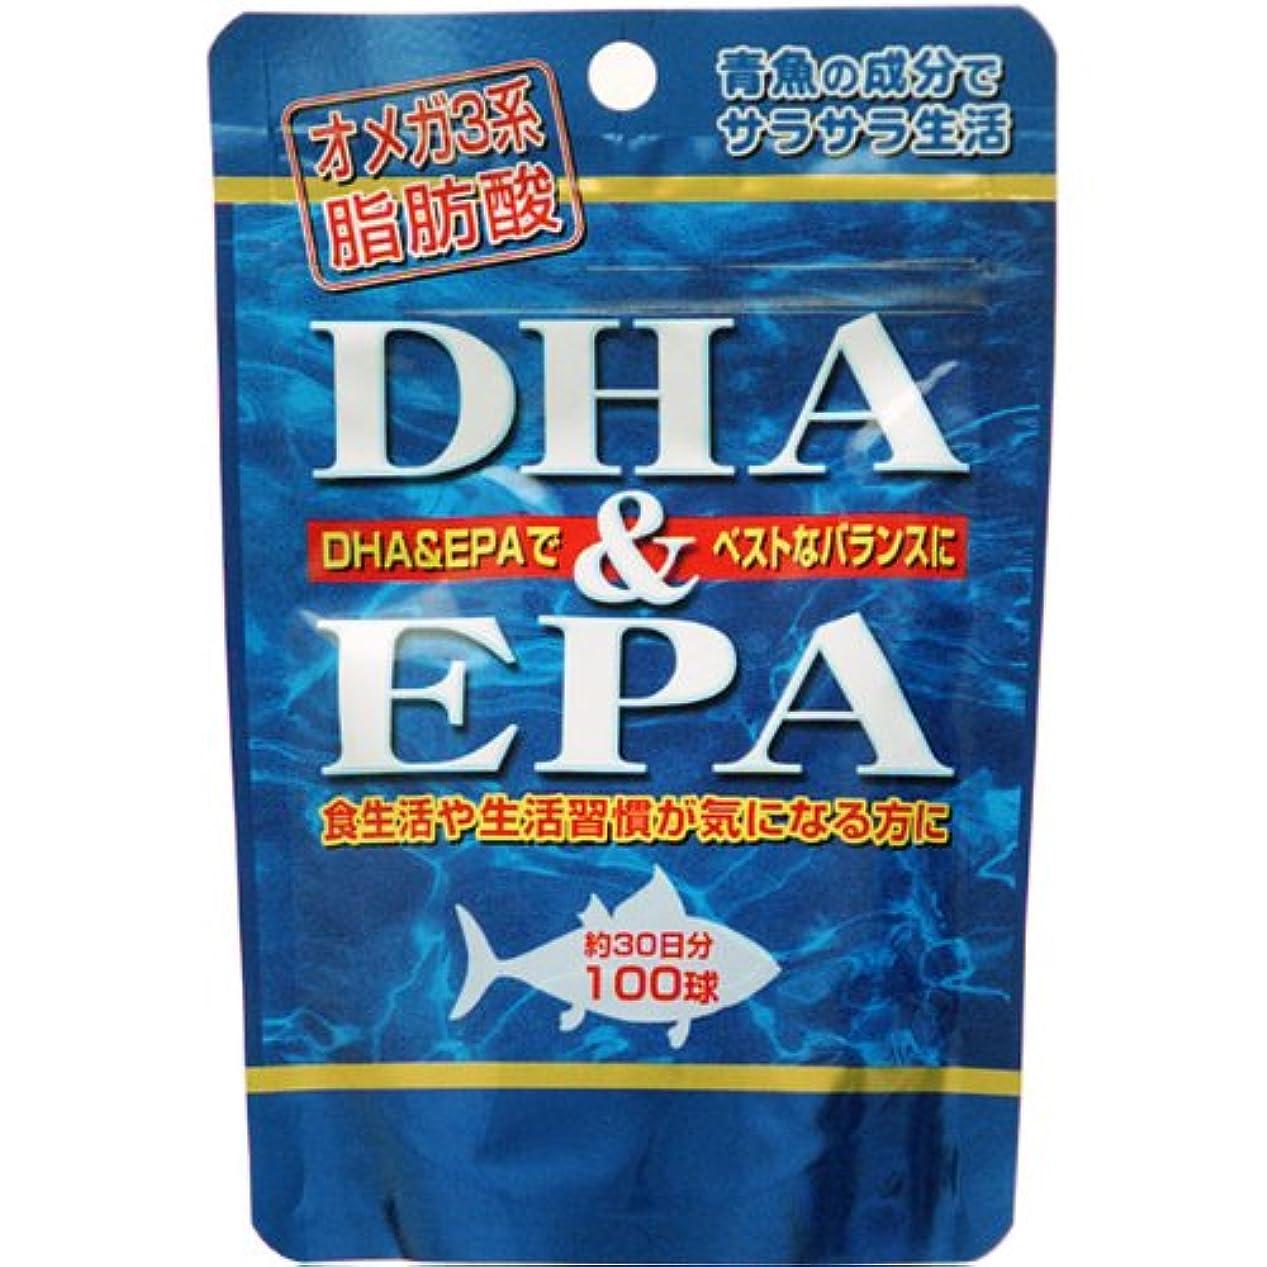 一貫性のない尽きる内向きDHA(ドコサヘキサエン酸)&EPA(エイコサペンタエン酸)×5